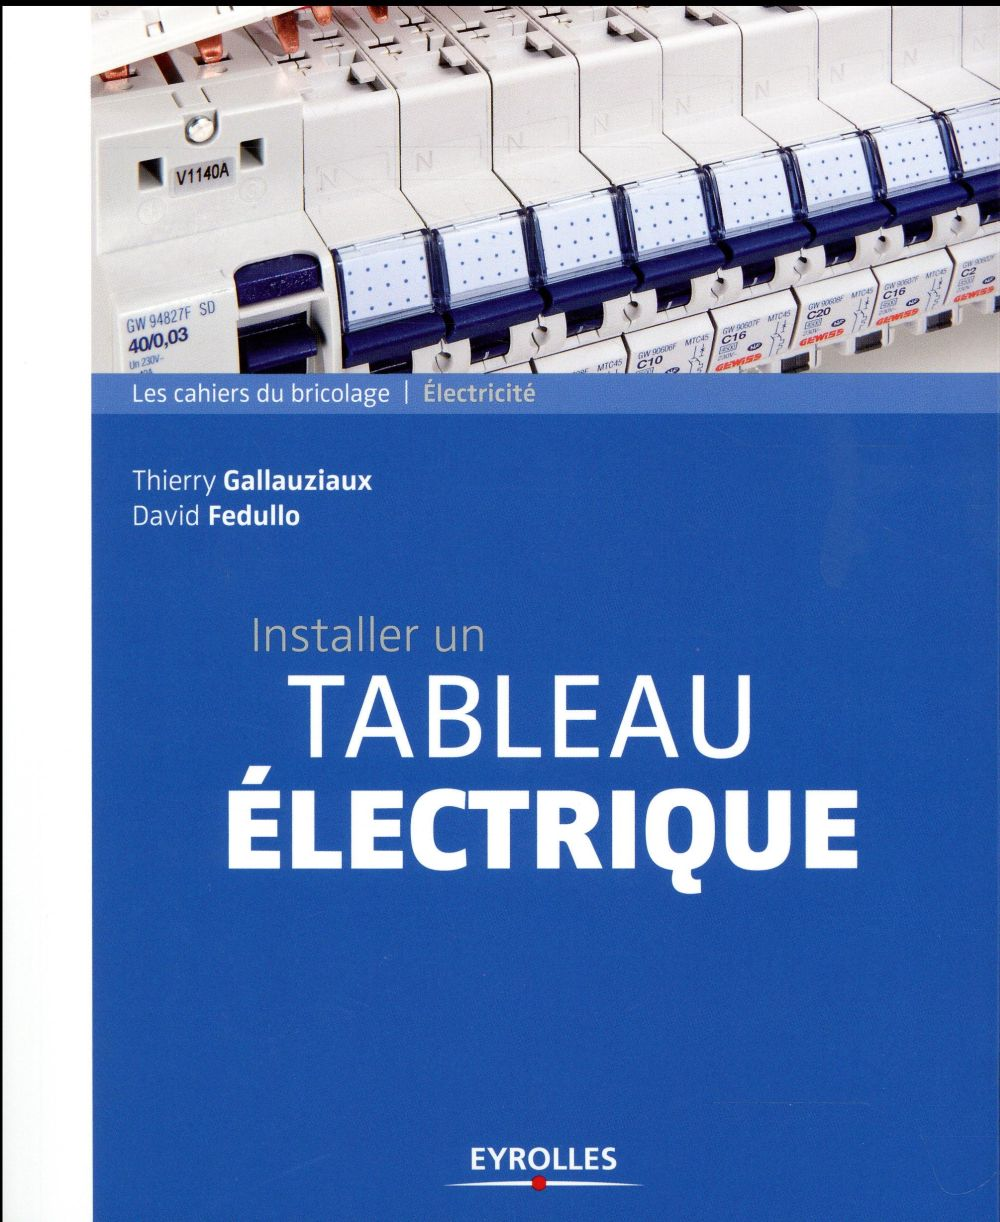 INSTALLER UN TABLEAU ELECTRIQUE GALLAUZIAUX / FEDULLO Eyrolles